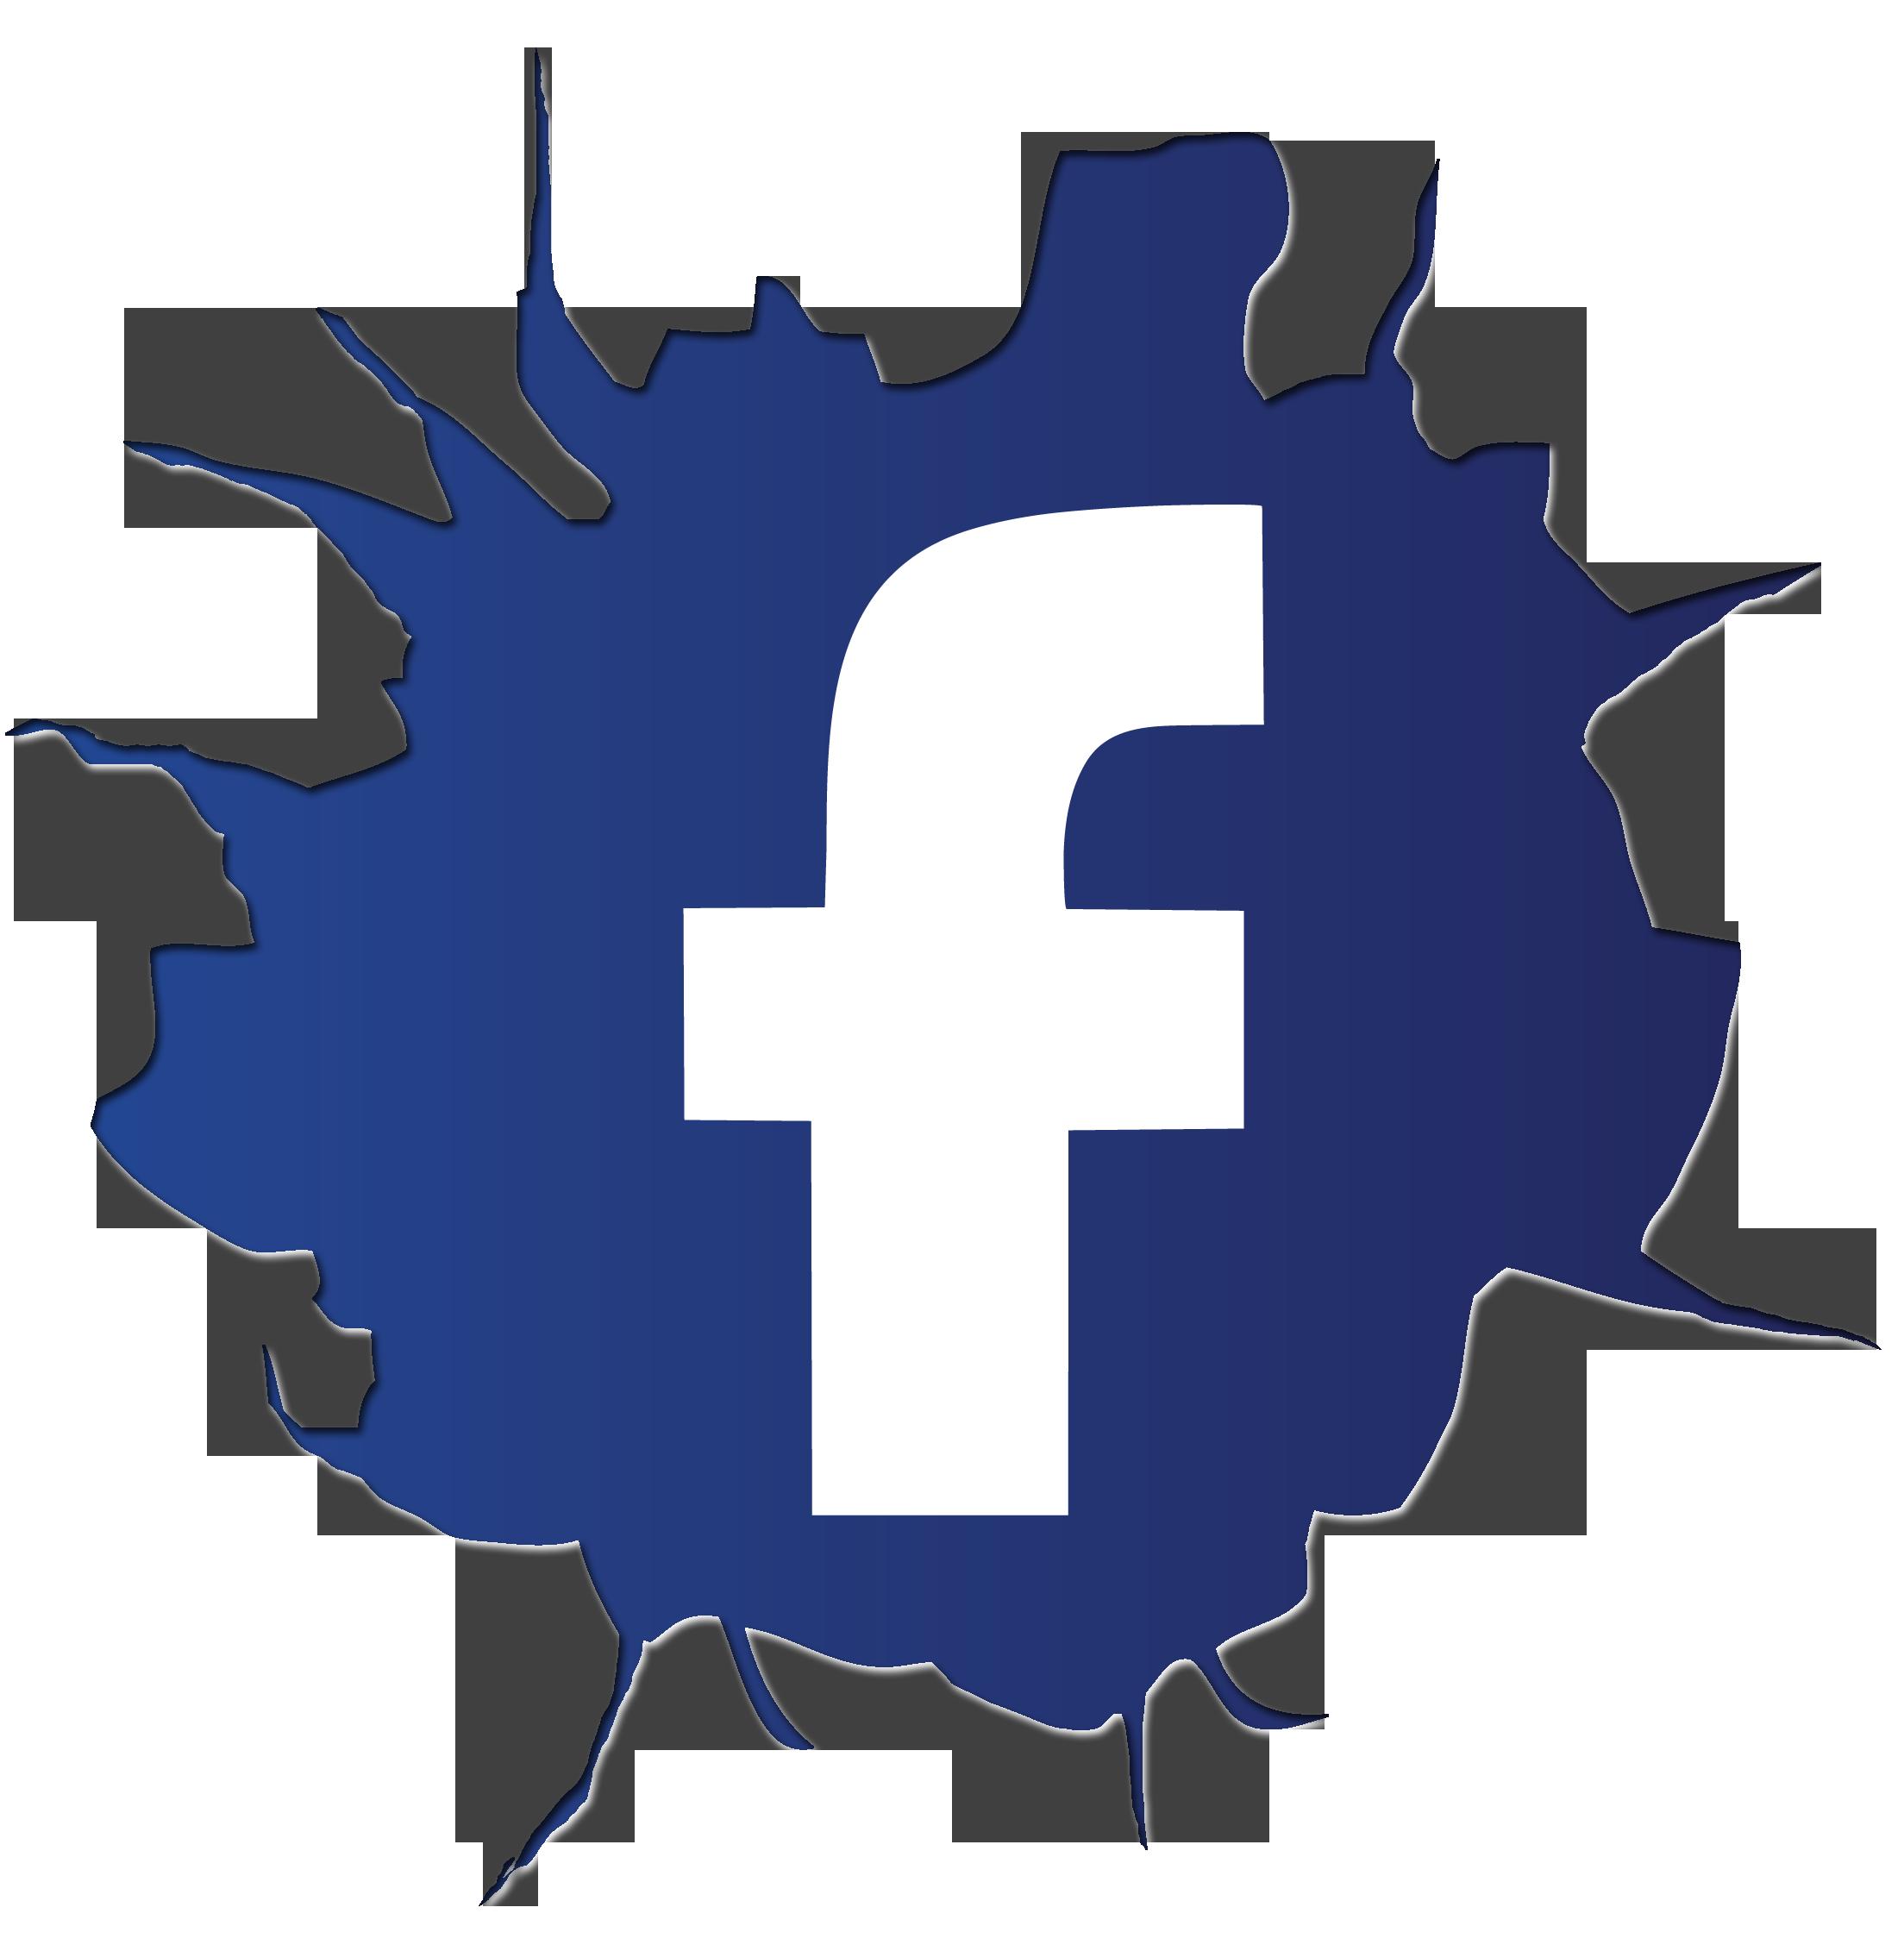 macnab på facebook, facebook, nyheder, nye produkter